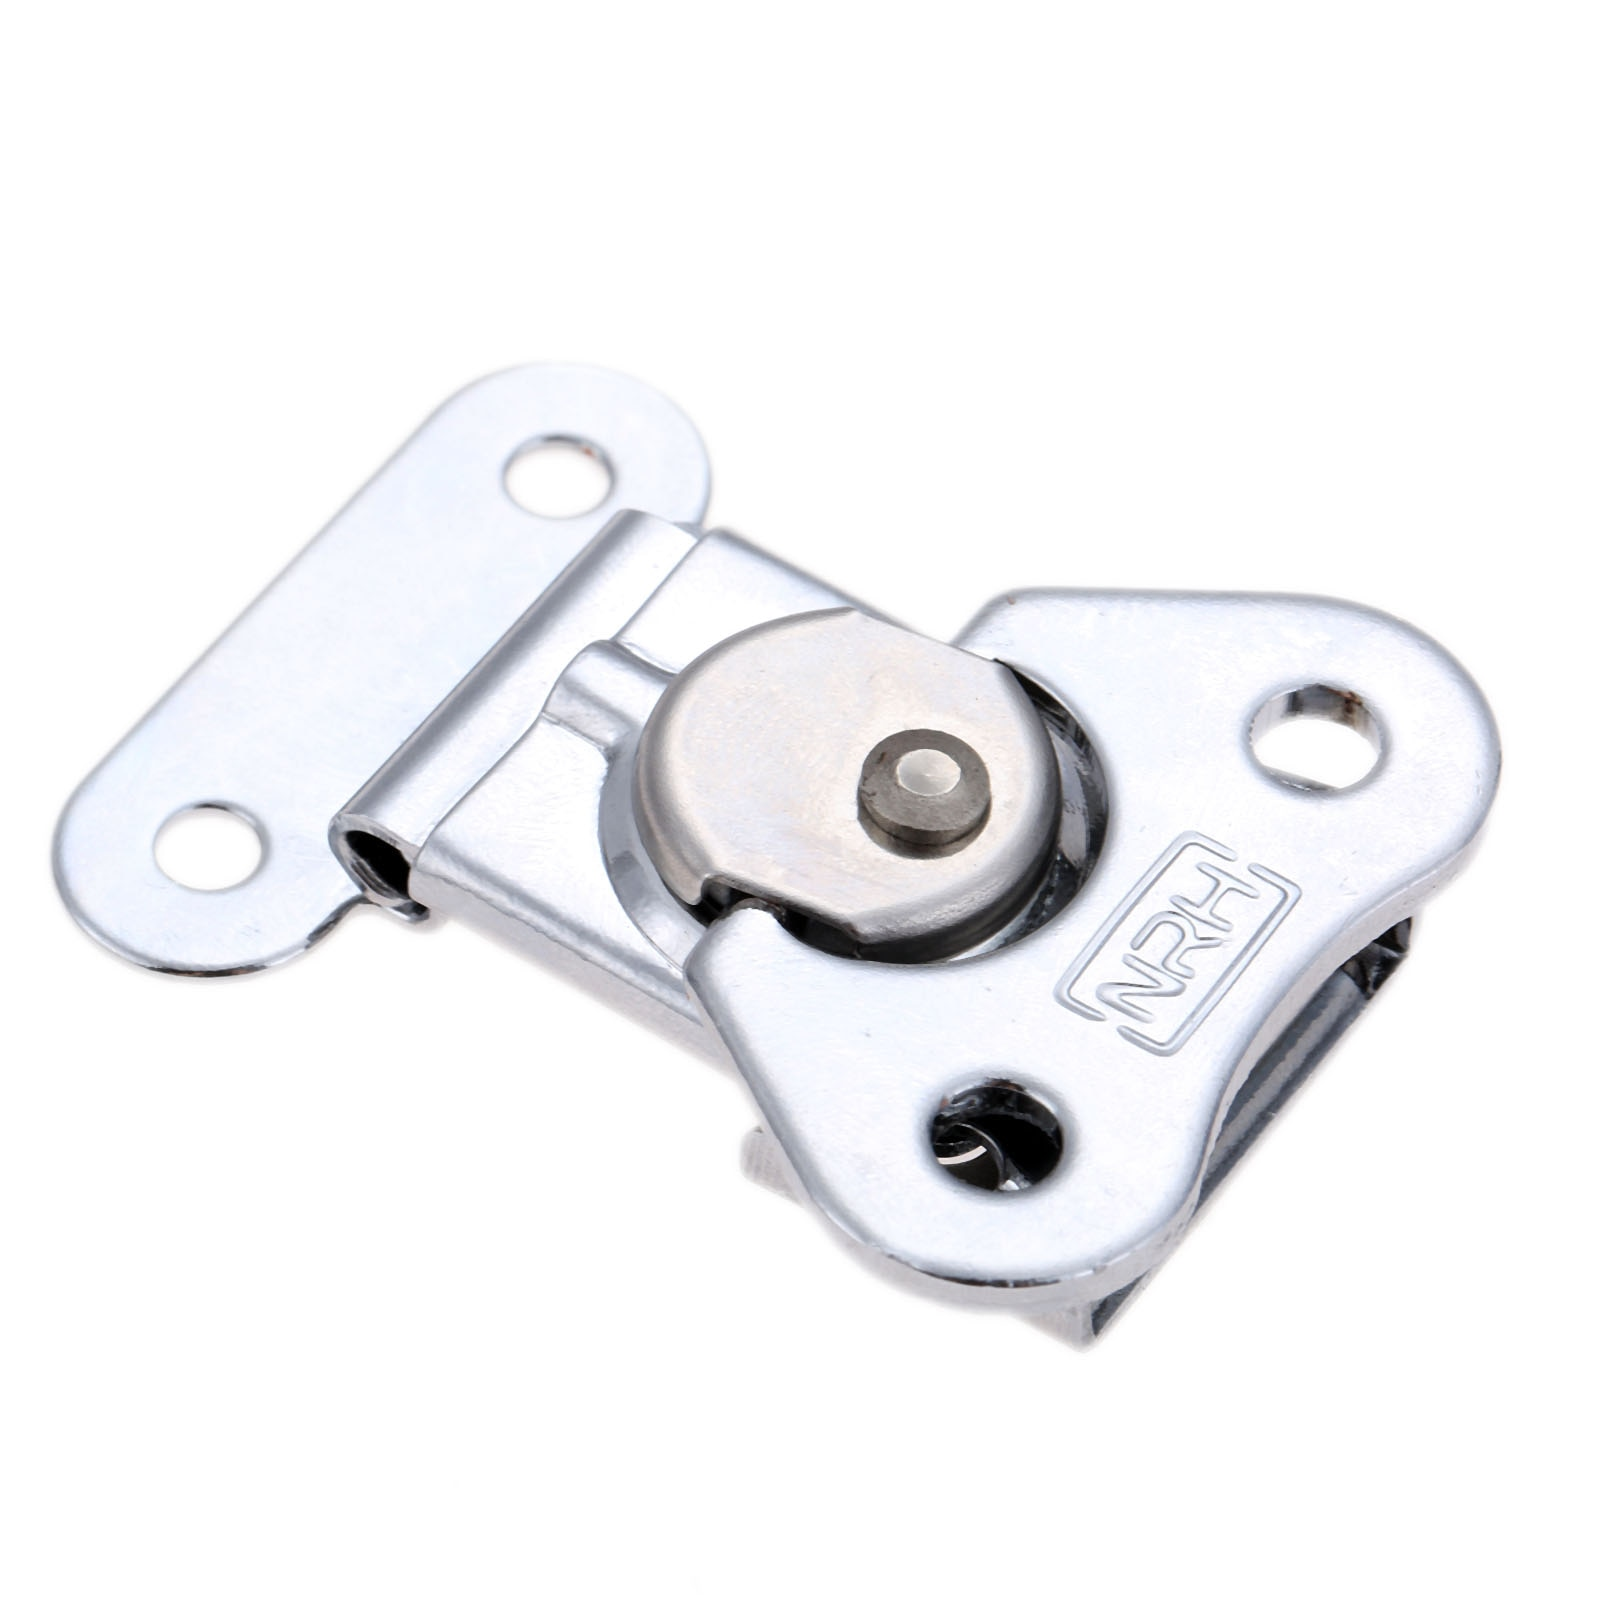 Válvula de Borboleta do Aço inoxidável Alternar Trava Pegar Braçadeira caixa de Ferramentas Caixa De Madeira Fivela de Bloqueio Rotativo Para Caso Do Vôo 52*38mm